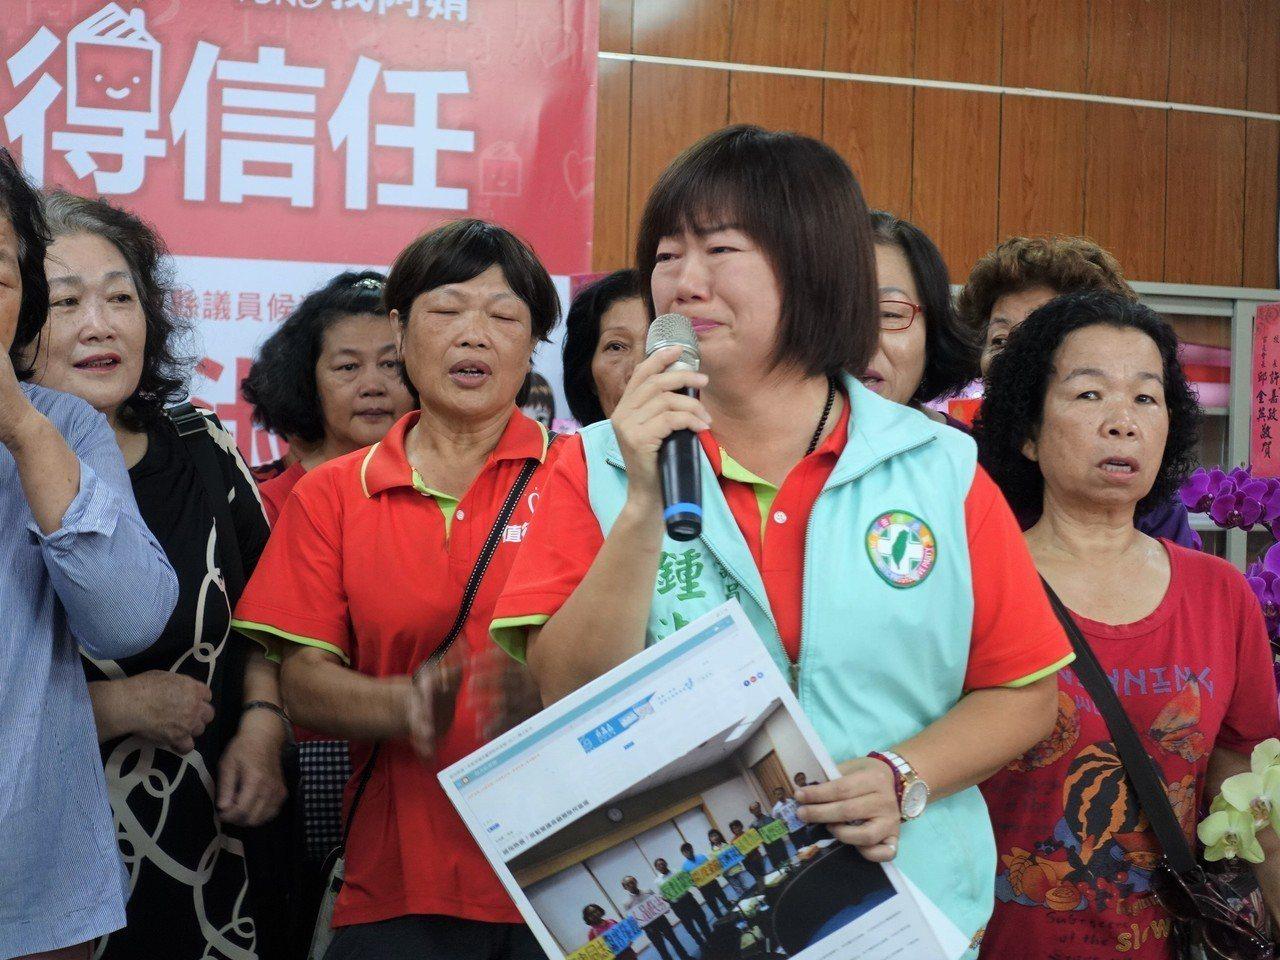 民進黨屏東縣議員候選人鍾淑娟今淚訴遭到污名化。記者翁禎霞/攝影